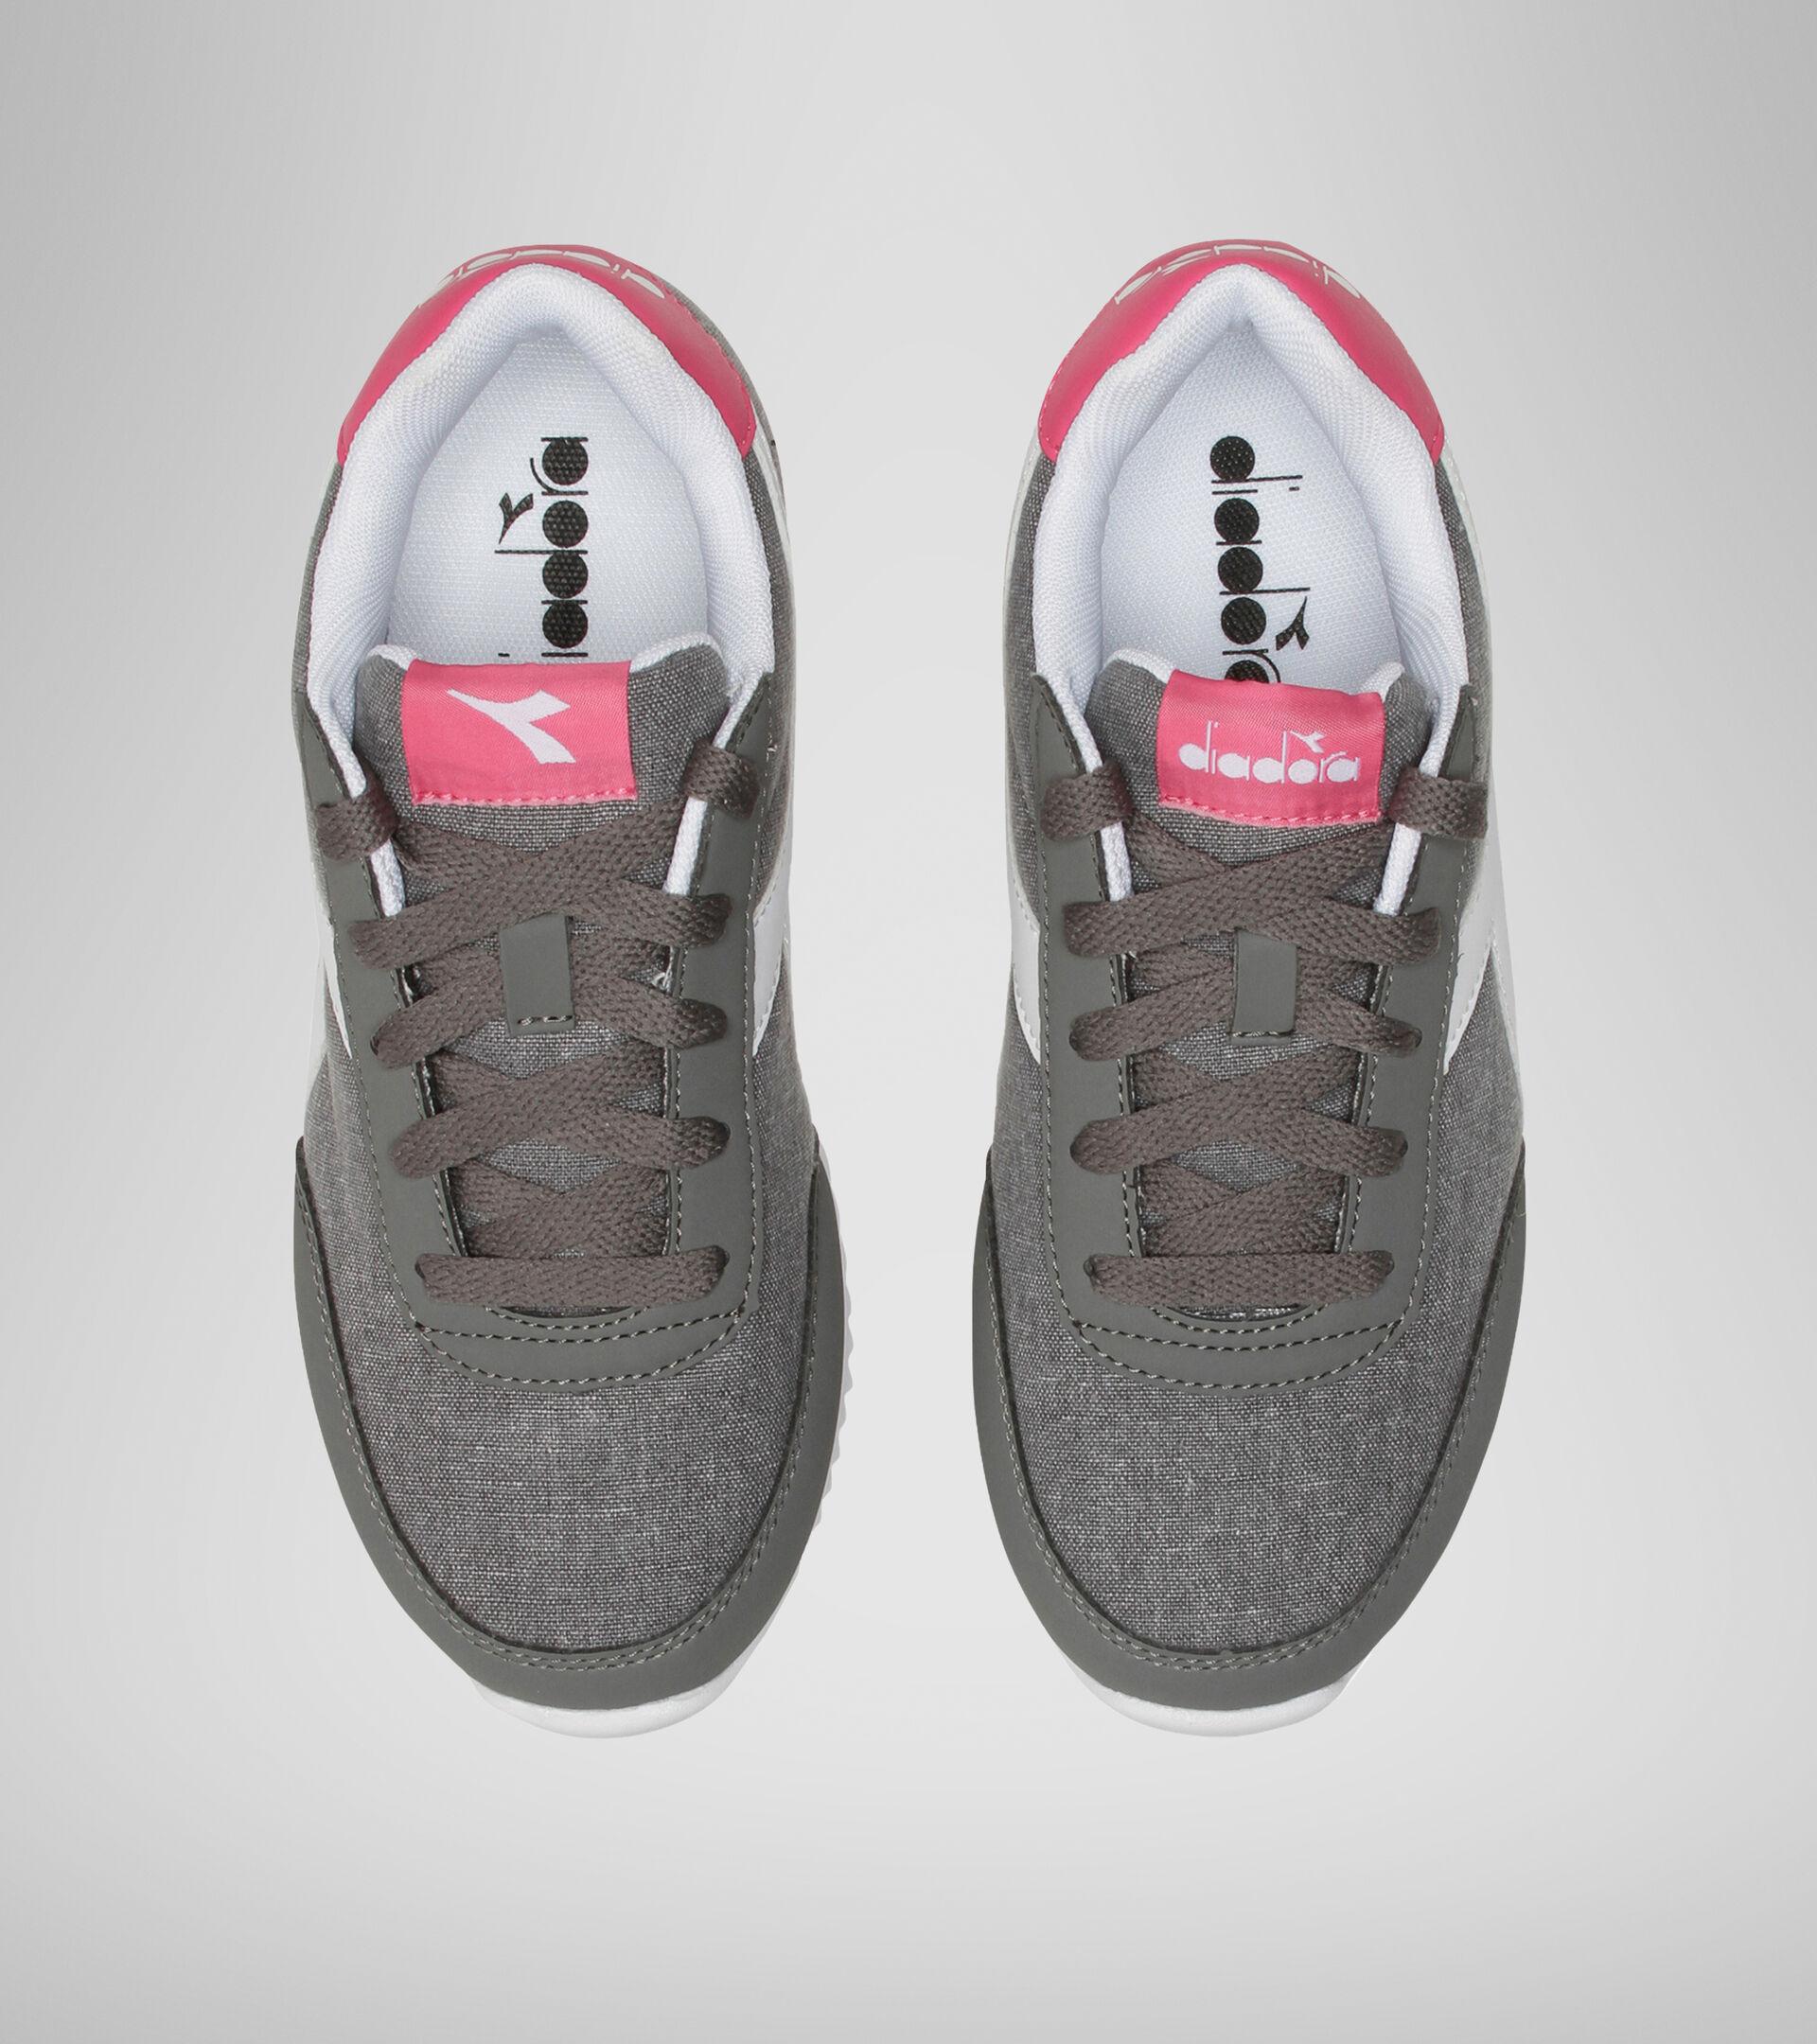 Sports shoes - Youth 8-16 years JOG LIGHT GS CHARCOAL GRAY/FANDANGO PINK - Diadora